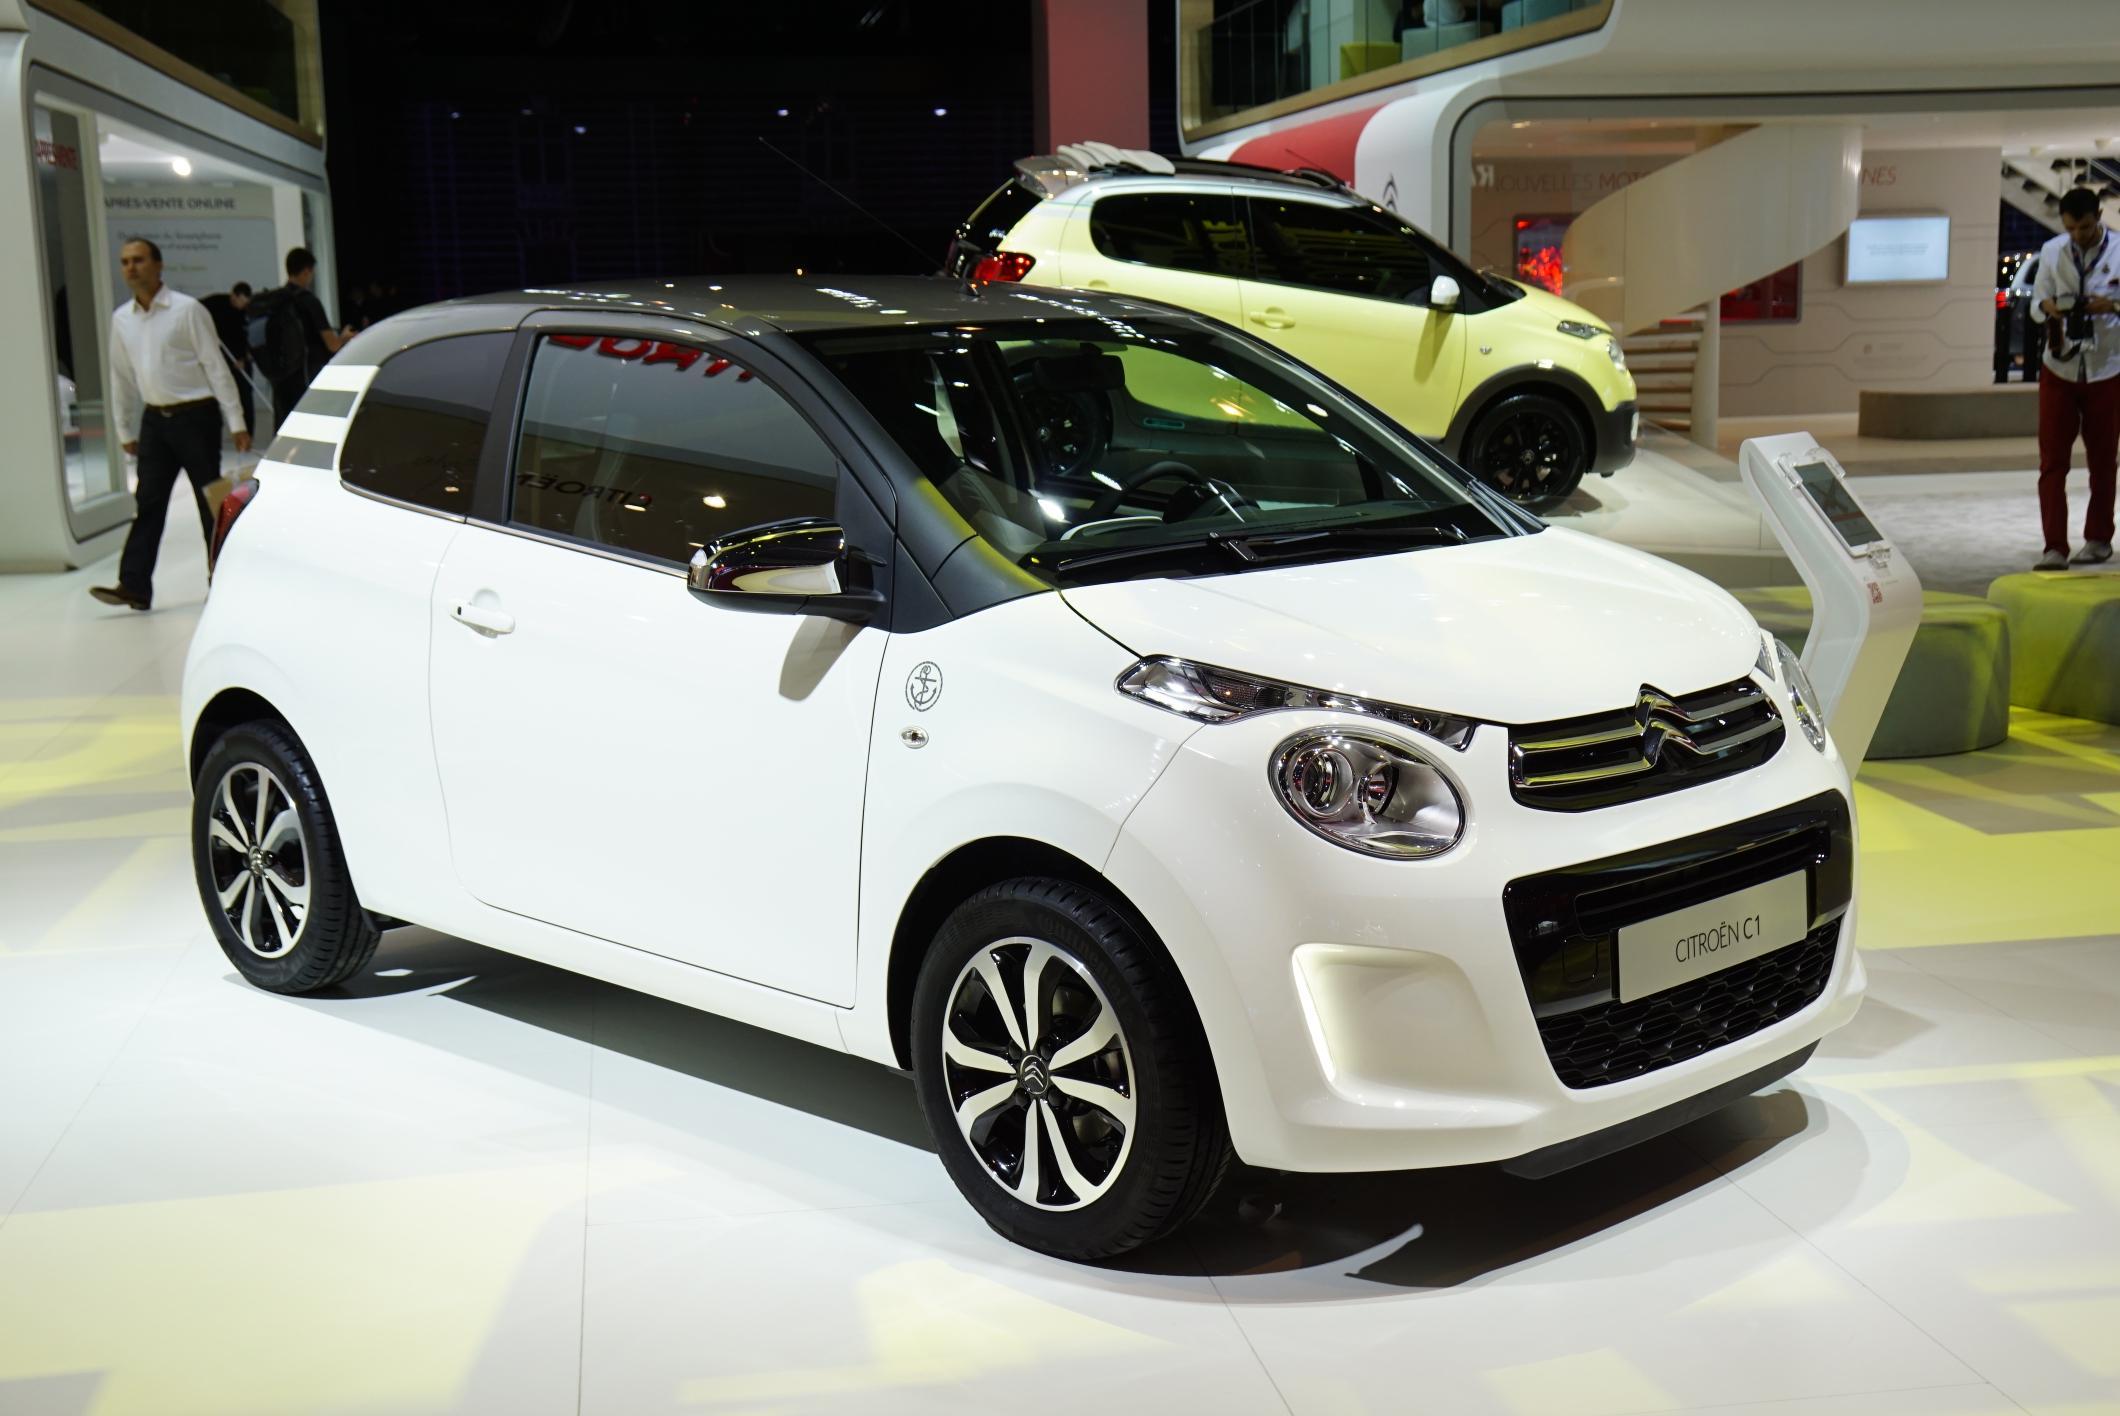 Viitoarea generație de Citroen C1, Peugeot 108 și Toyota Aygo vor fi cu propulsie electrică?